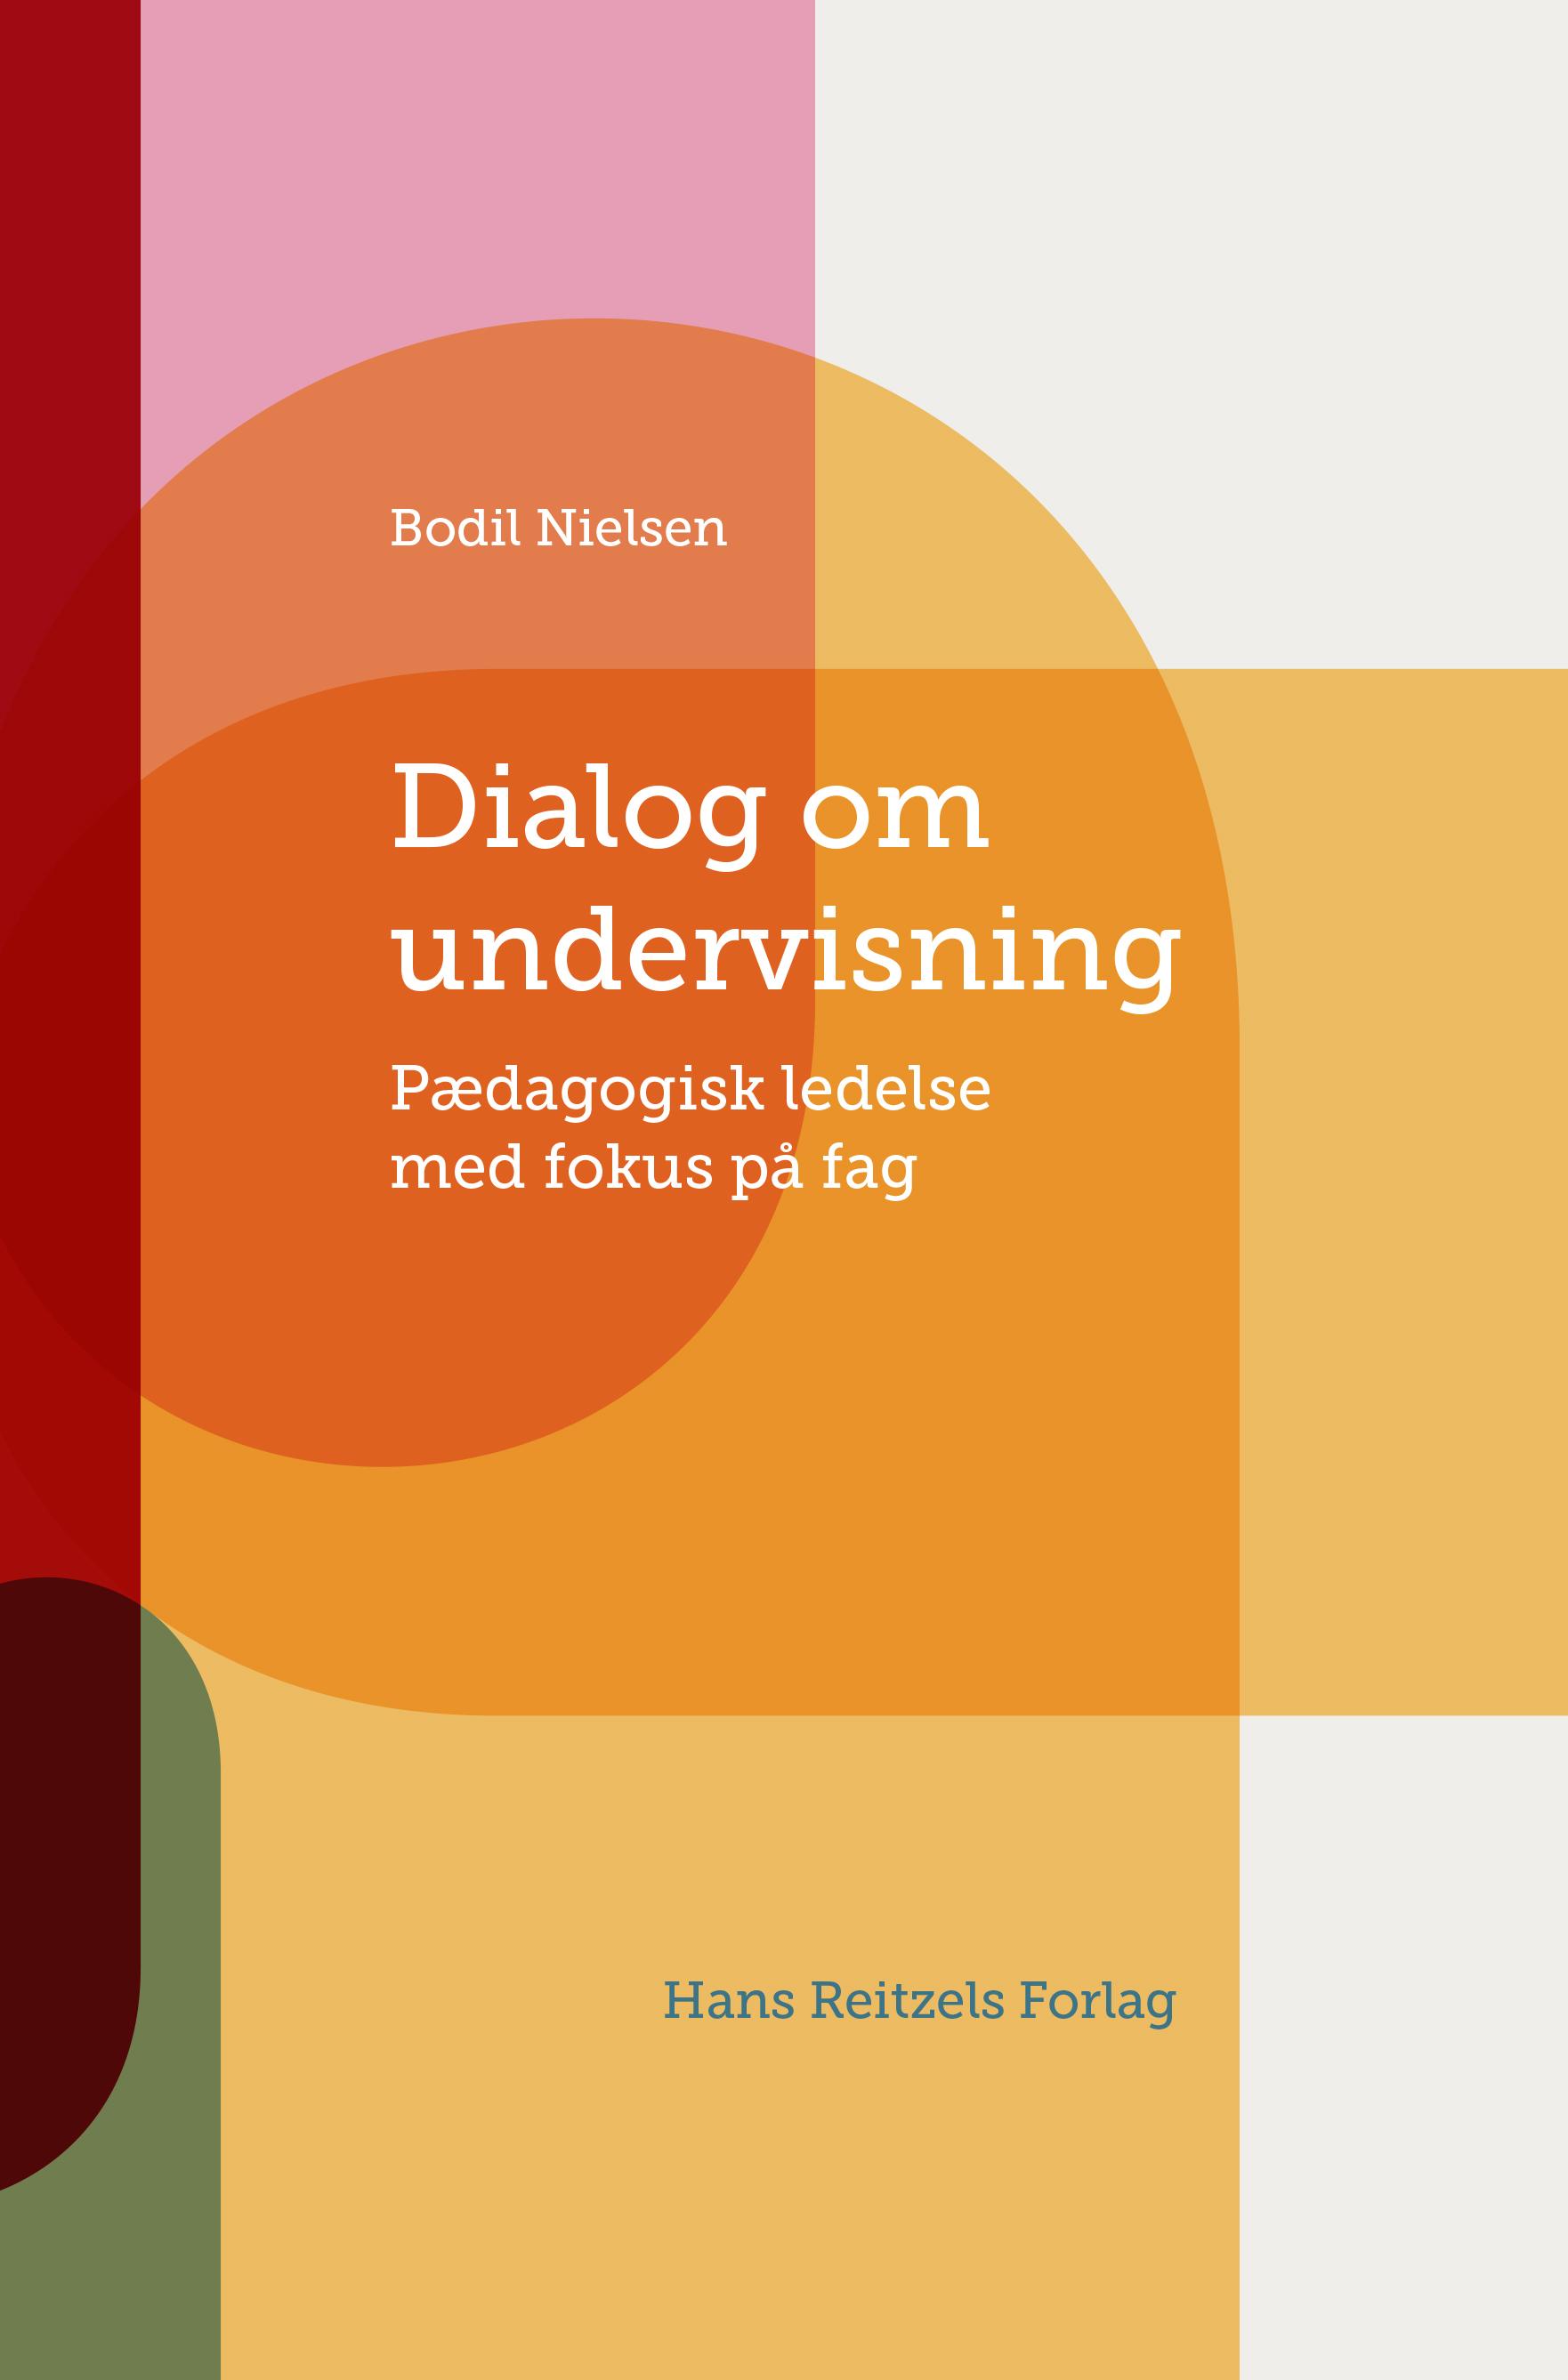 Dialog om undervisning